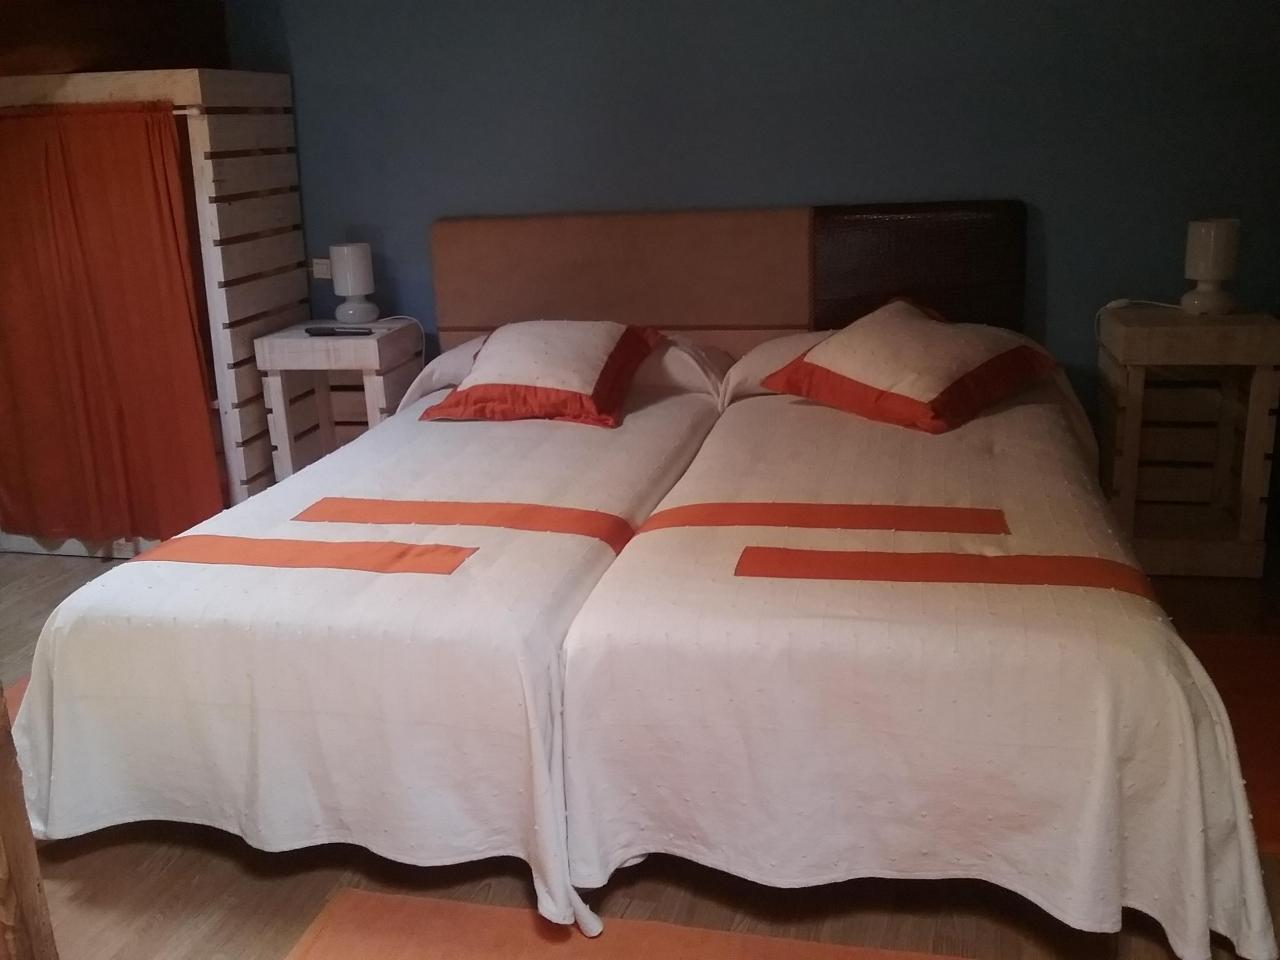 Apartamento vacacional Tubilla del Lago, Burgos